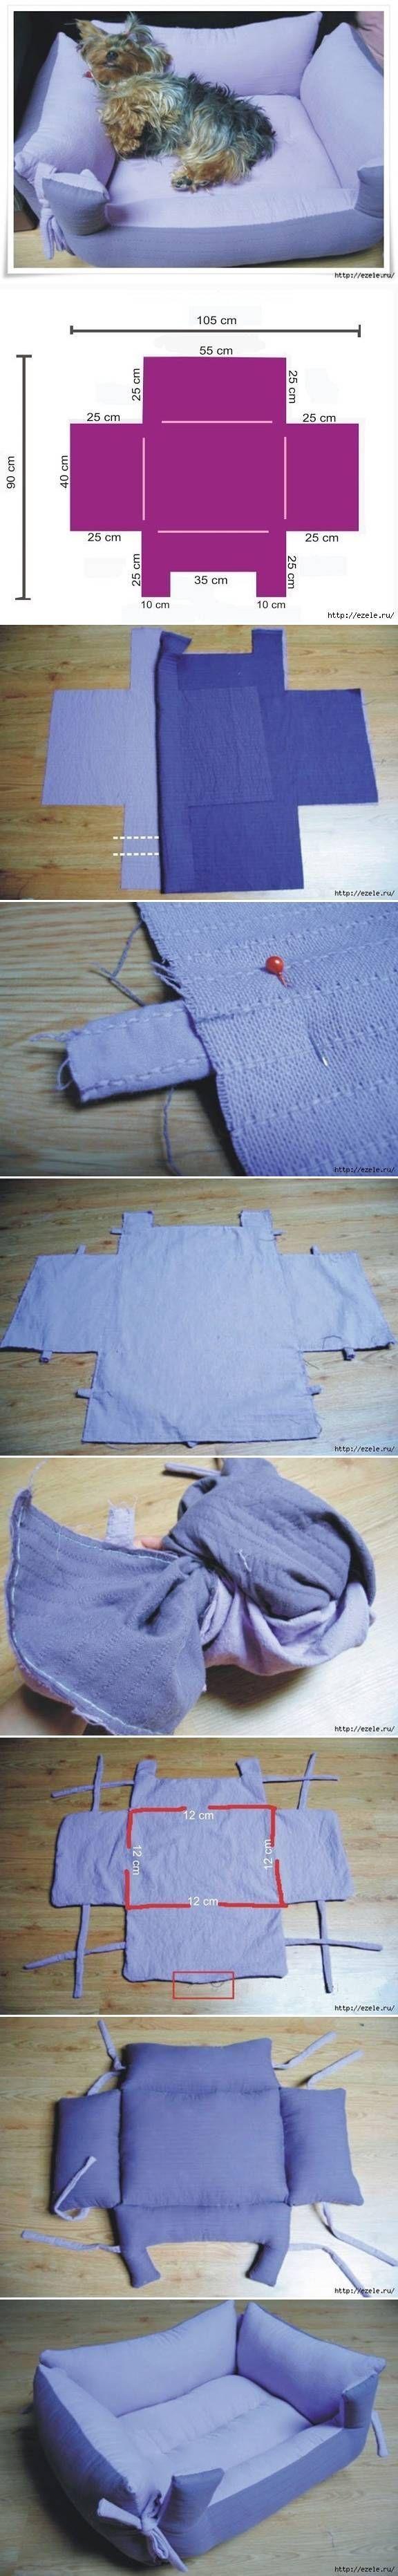 DIY Pet Pillow Bench DIY Projects